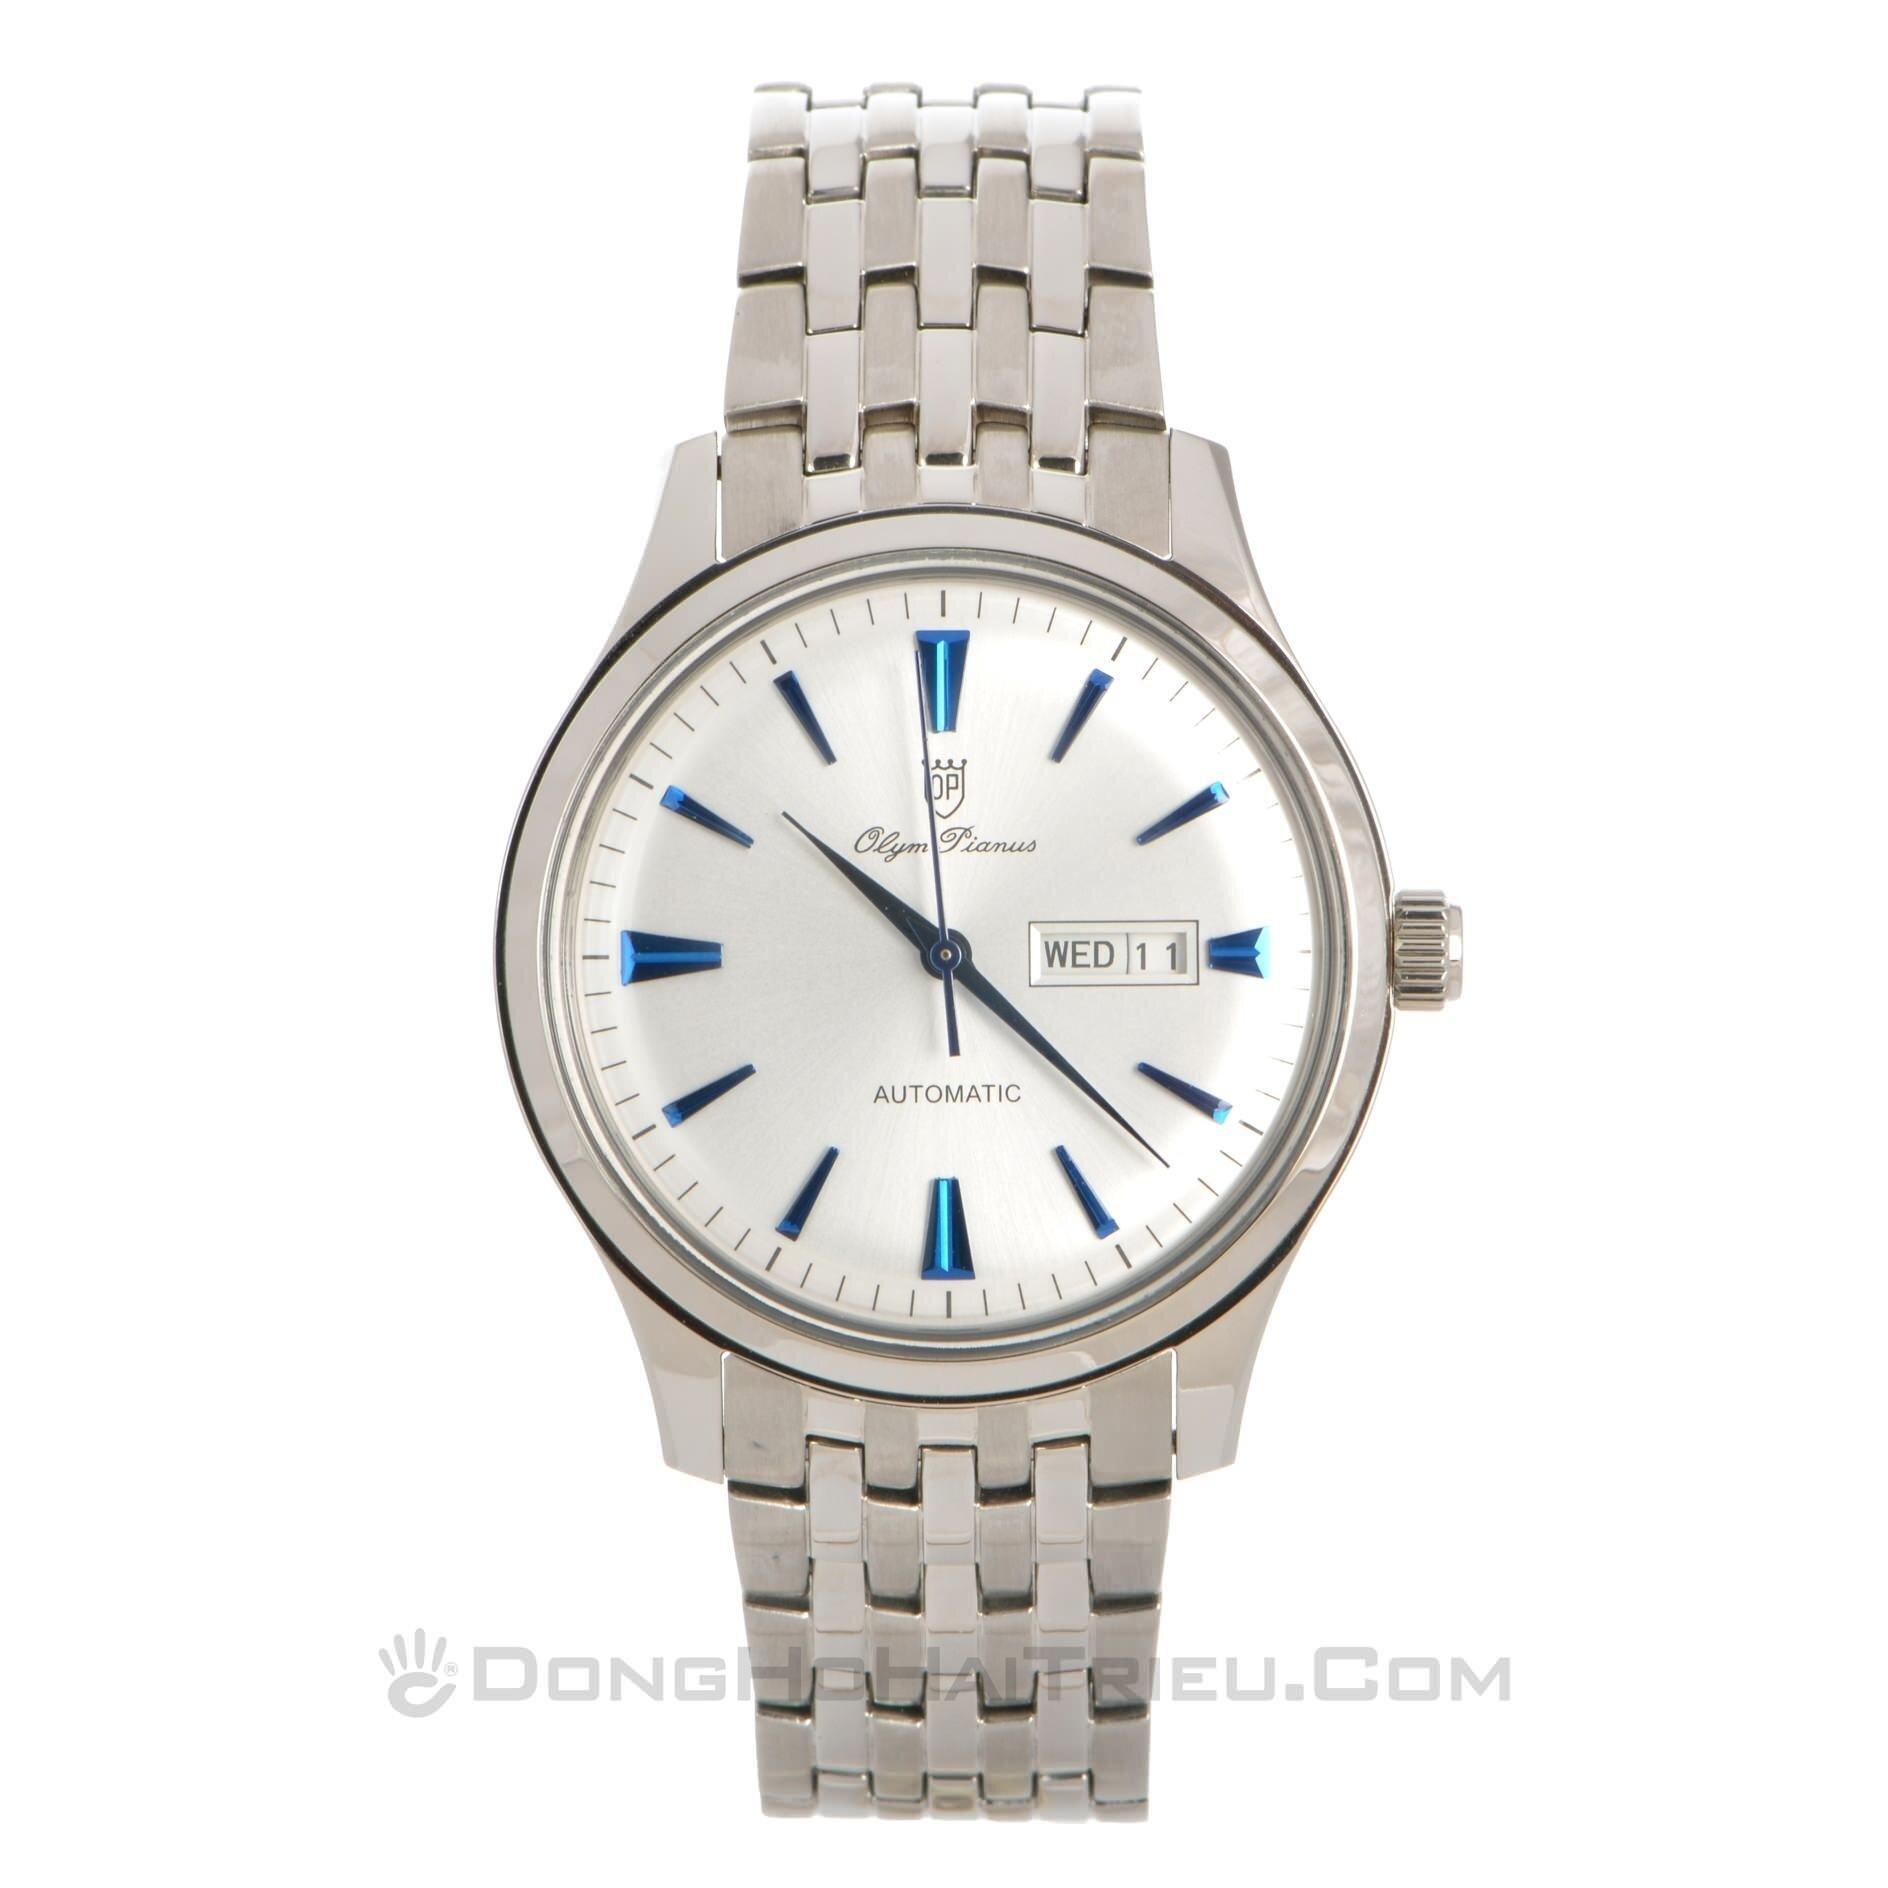 Đồng hồ nam dây thép không gỉ Olym Pianus OP990-14AMS